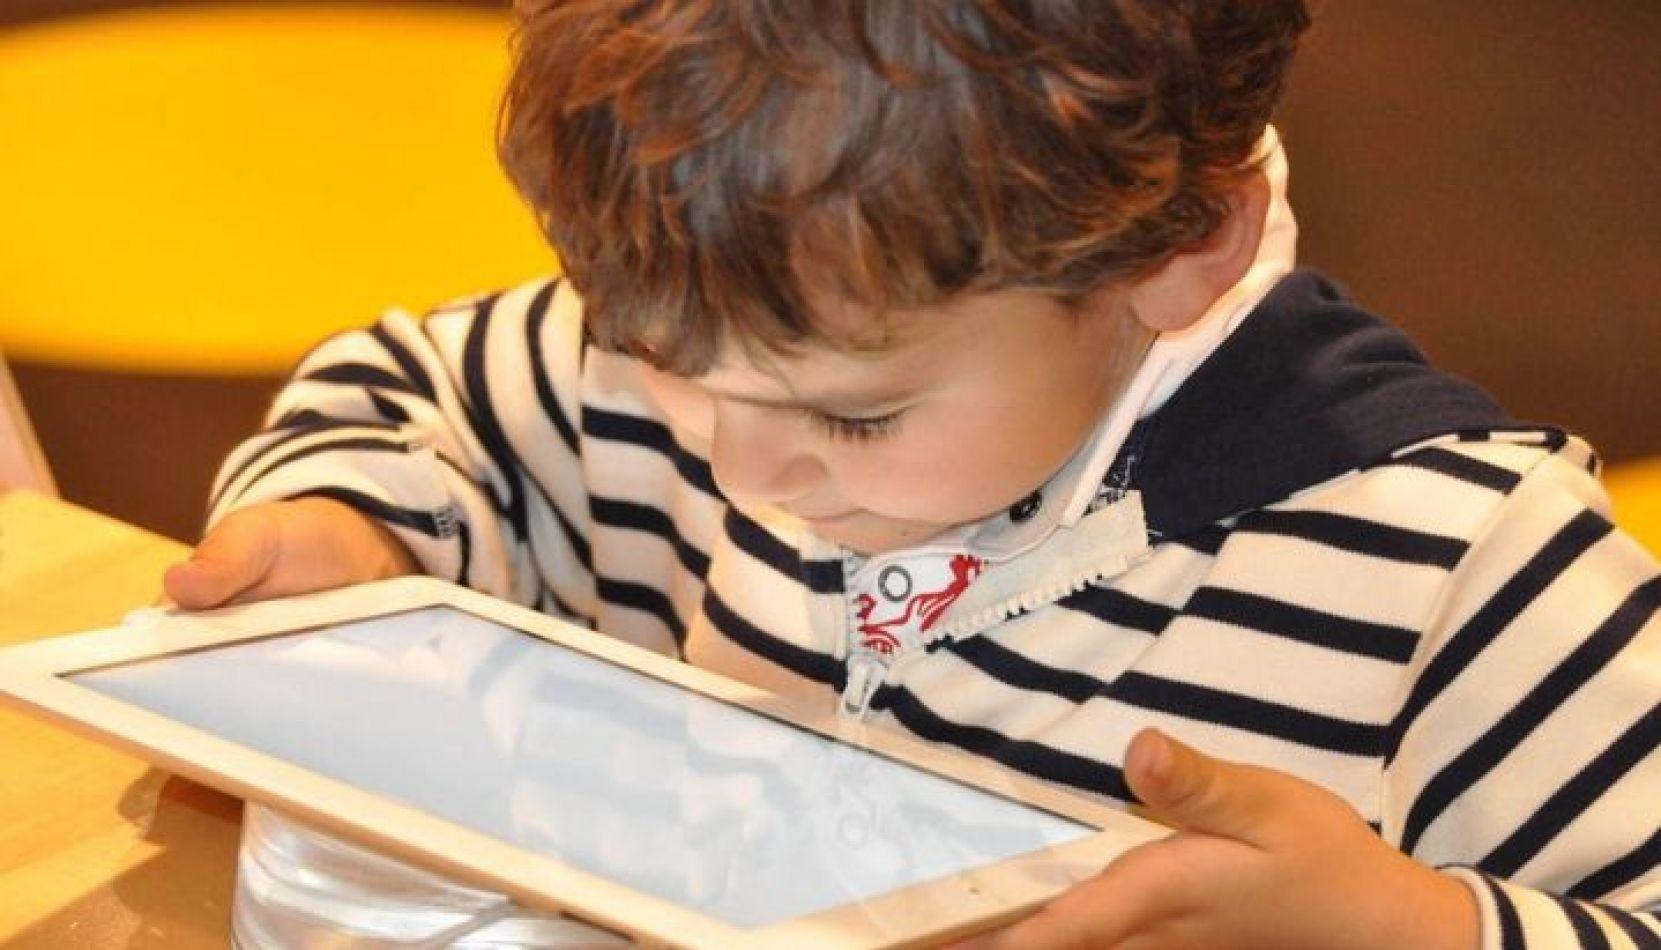 Los niños que pasan más de 2 horas frente a pantallas tienen menor desarrollo cognitivo